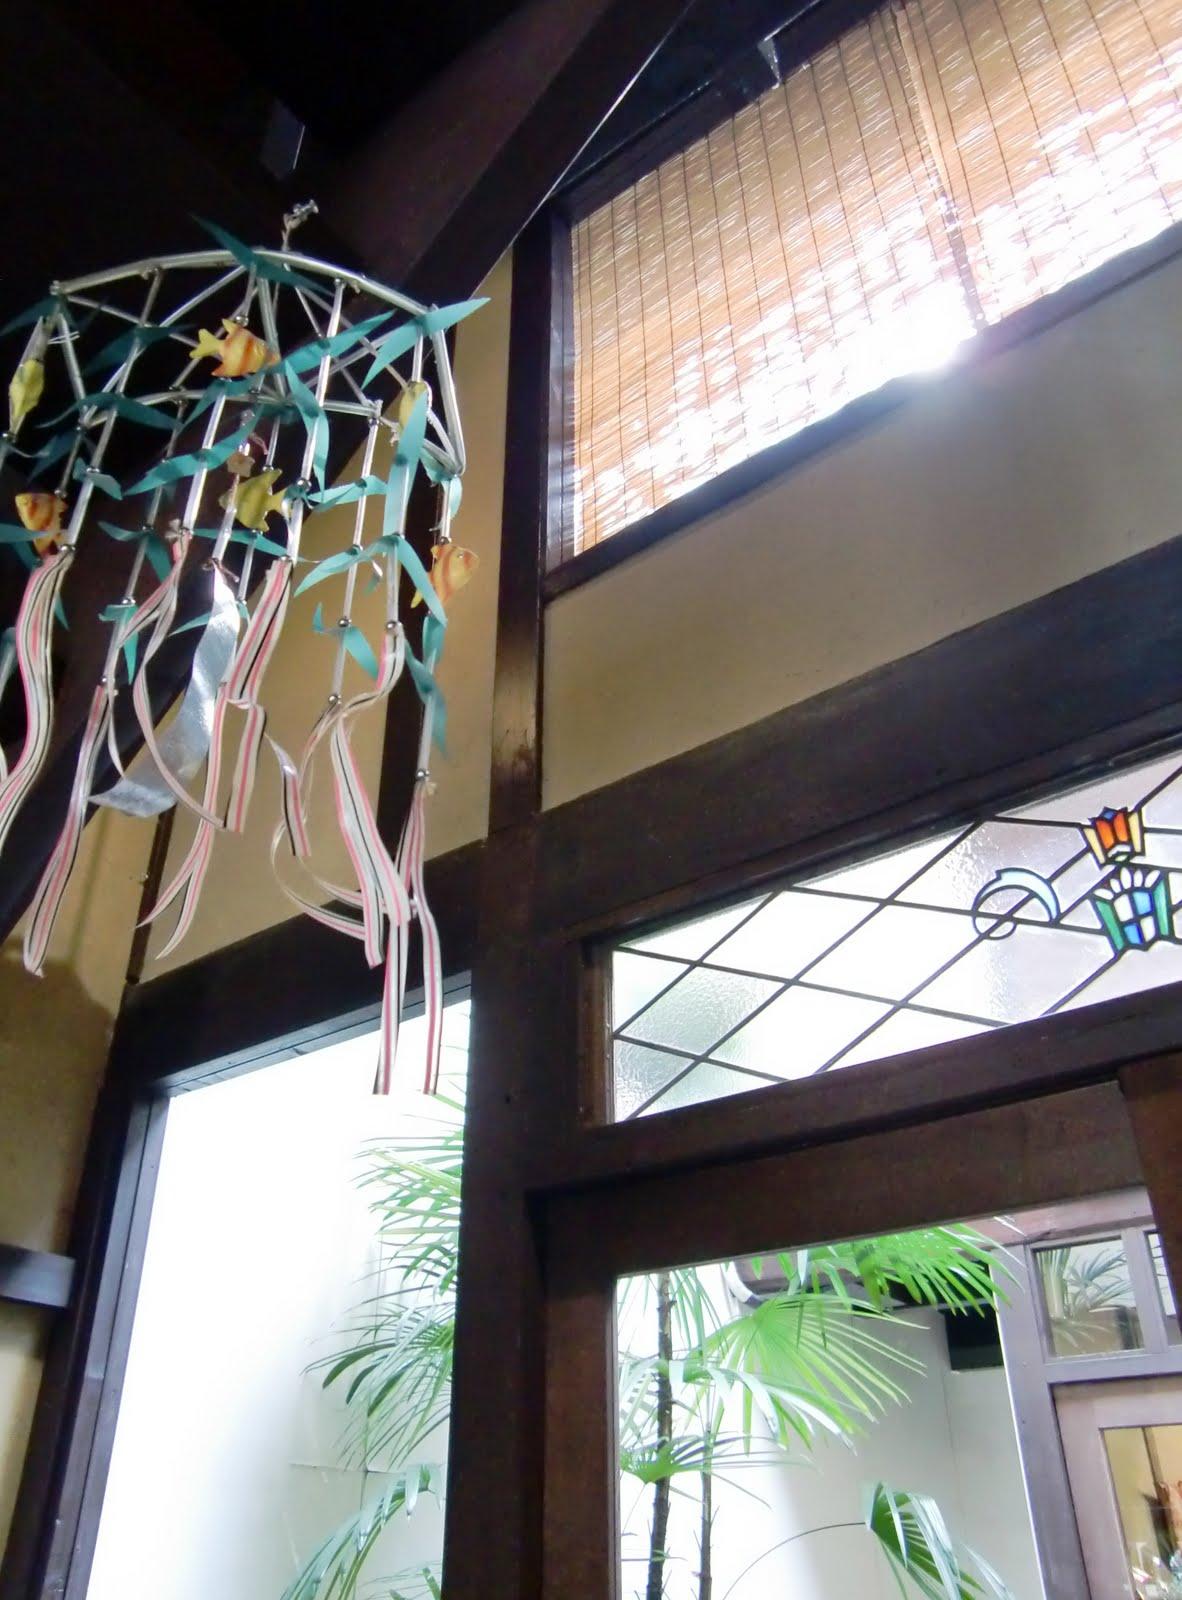 やゝ やゝ: ★紗★虫の柄★虫籠こおろぎ・蜻蛉 蜘蛛の巣柄   ★紗★虫の柄★虫籠こおろぎ・蜻蛉